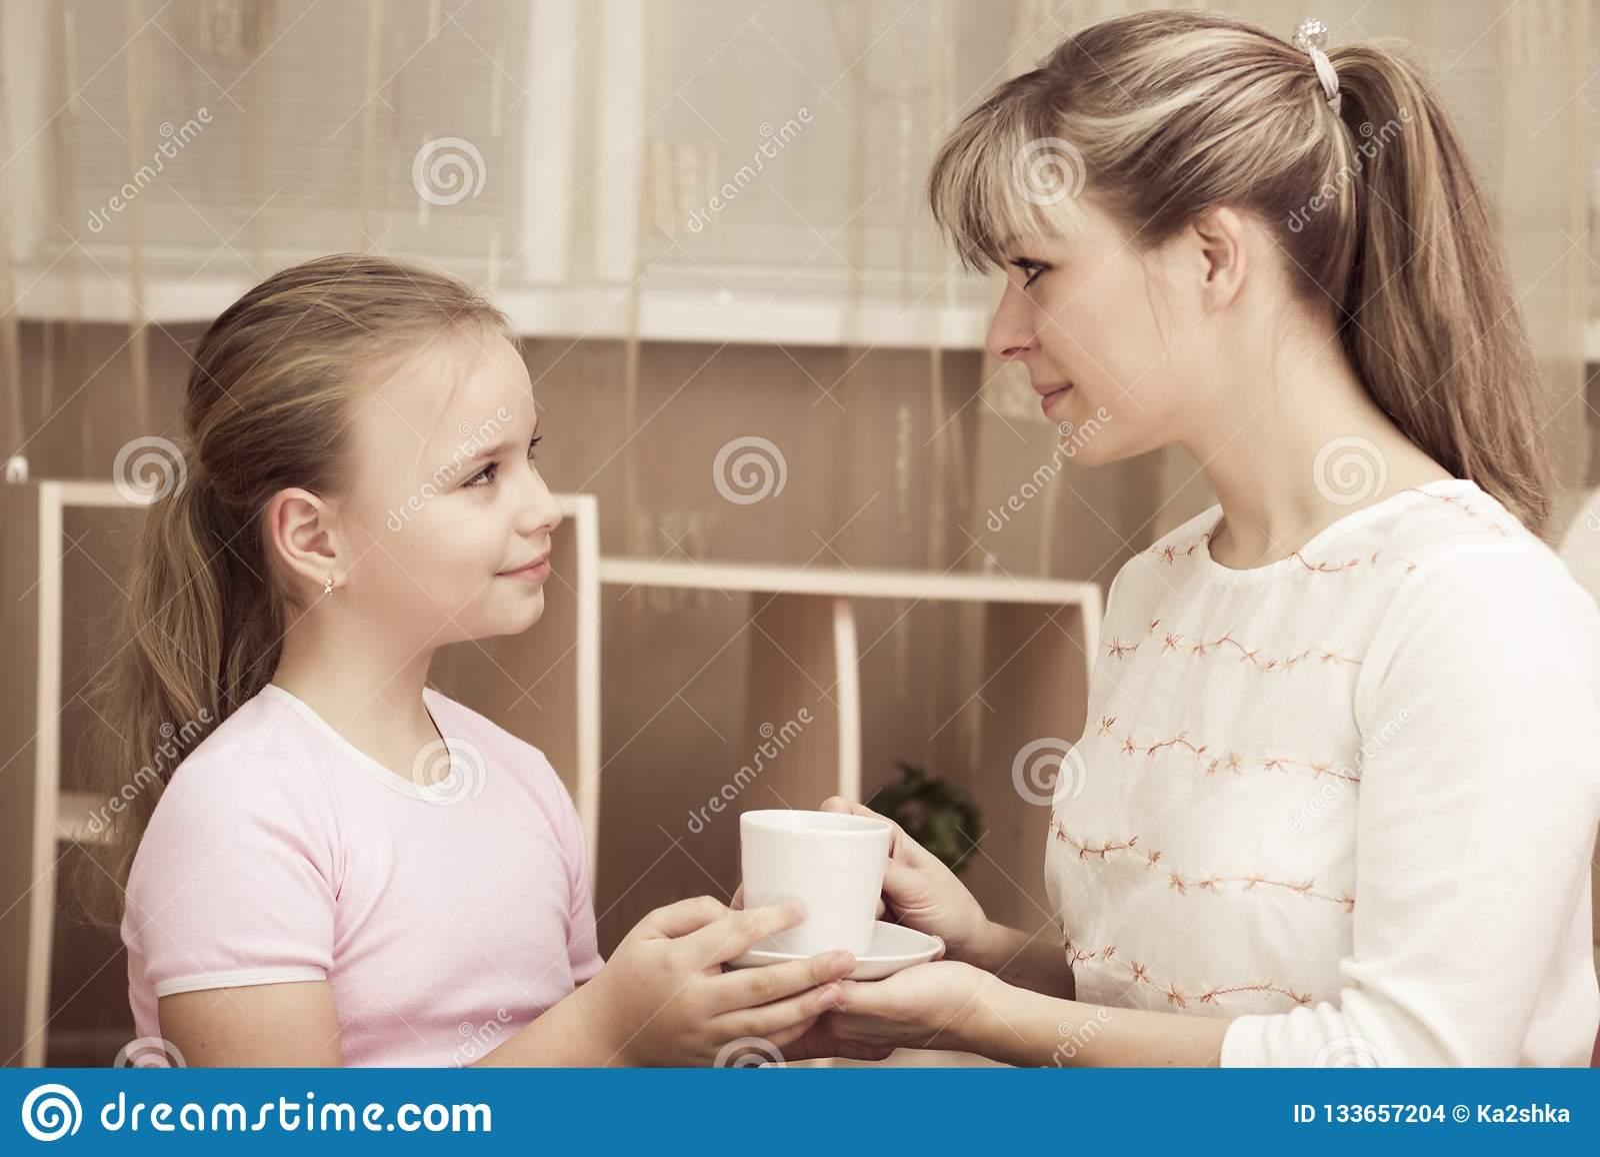 Fille affectueuse traitant sa mère dans une tasse de café